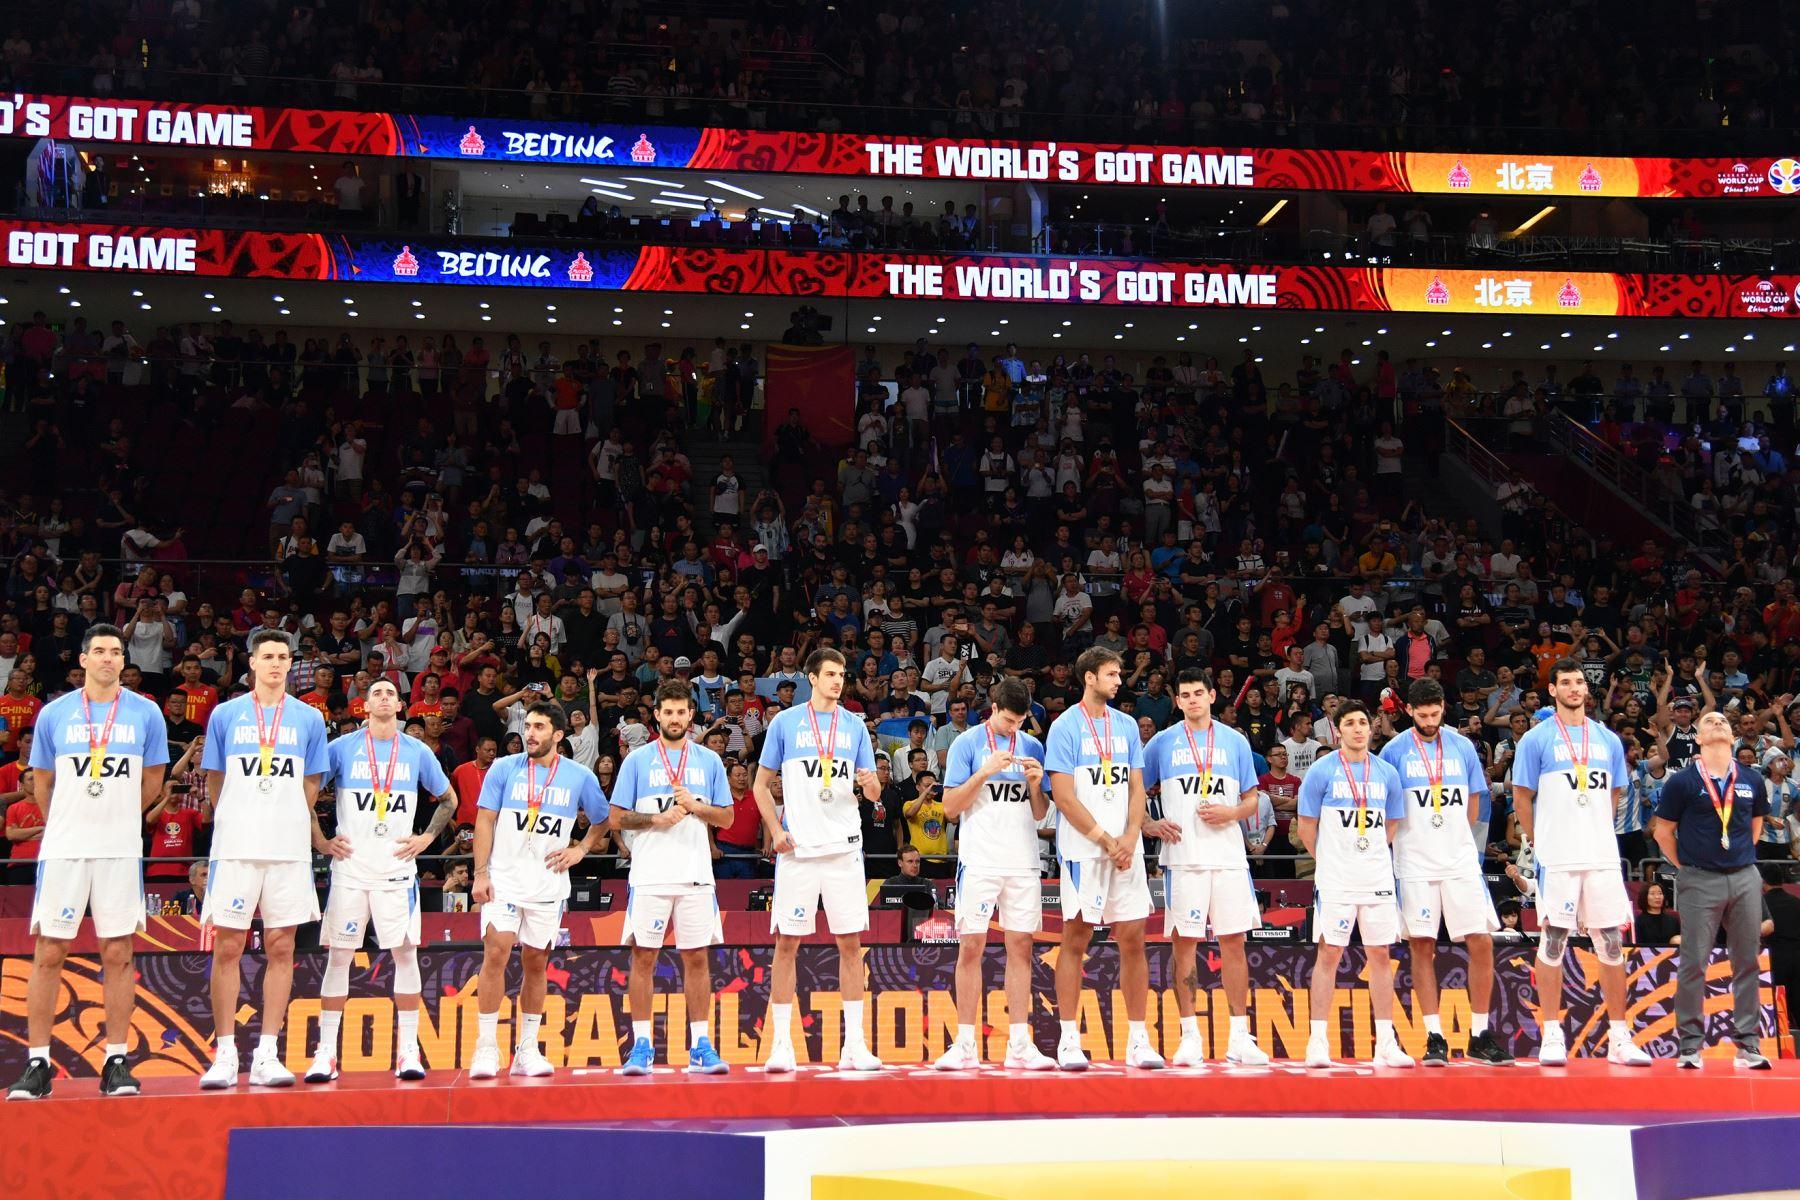 El equipo argentino mira después del partido contra el el equipo de España durante las Finales de la Copa Mundial FIBA 2019 en el Cadillac Arena en China. Foto: AFP